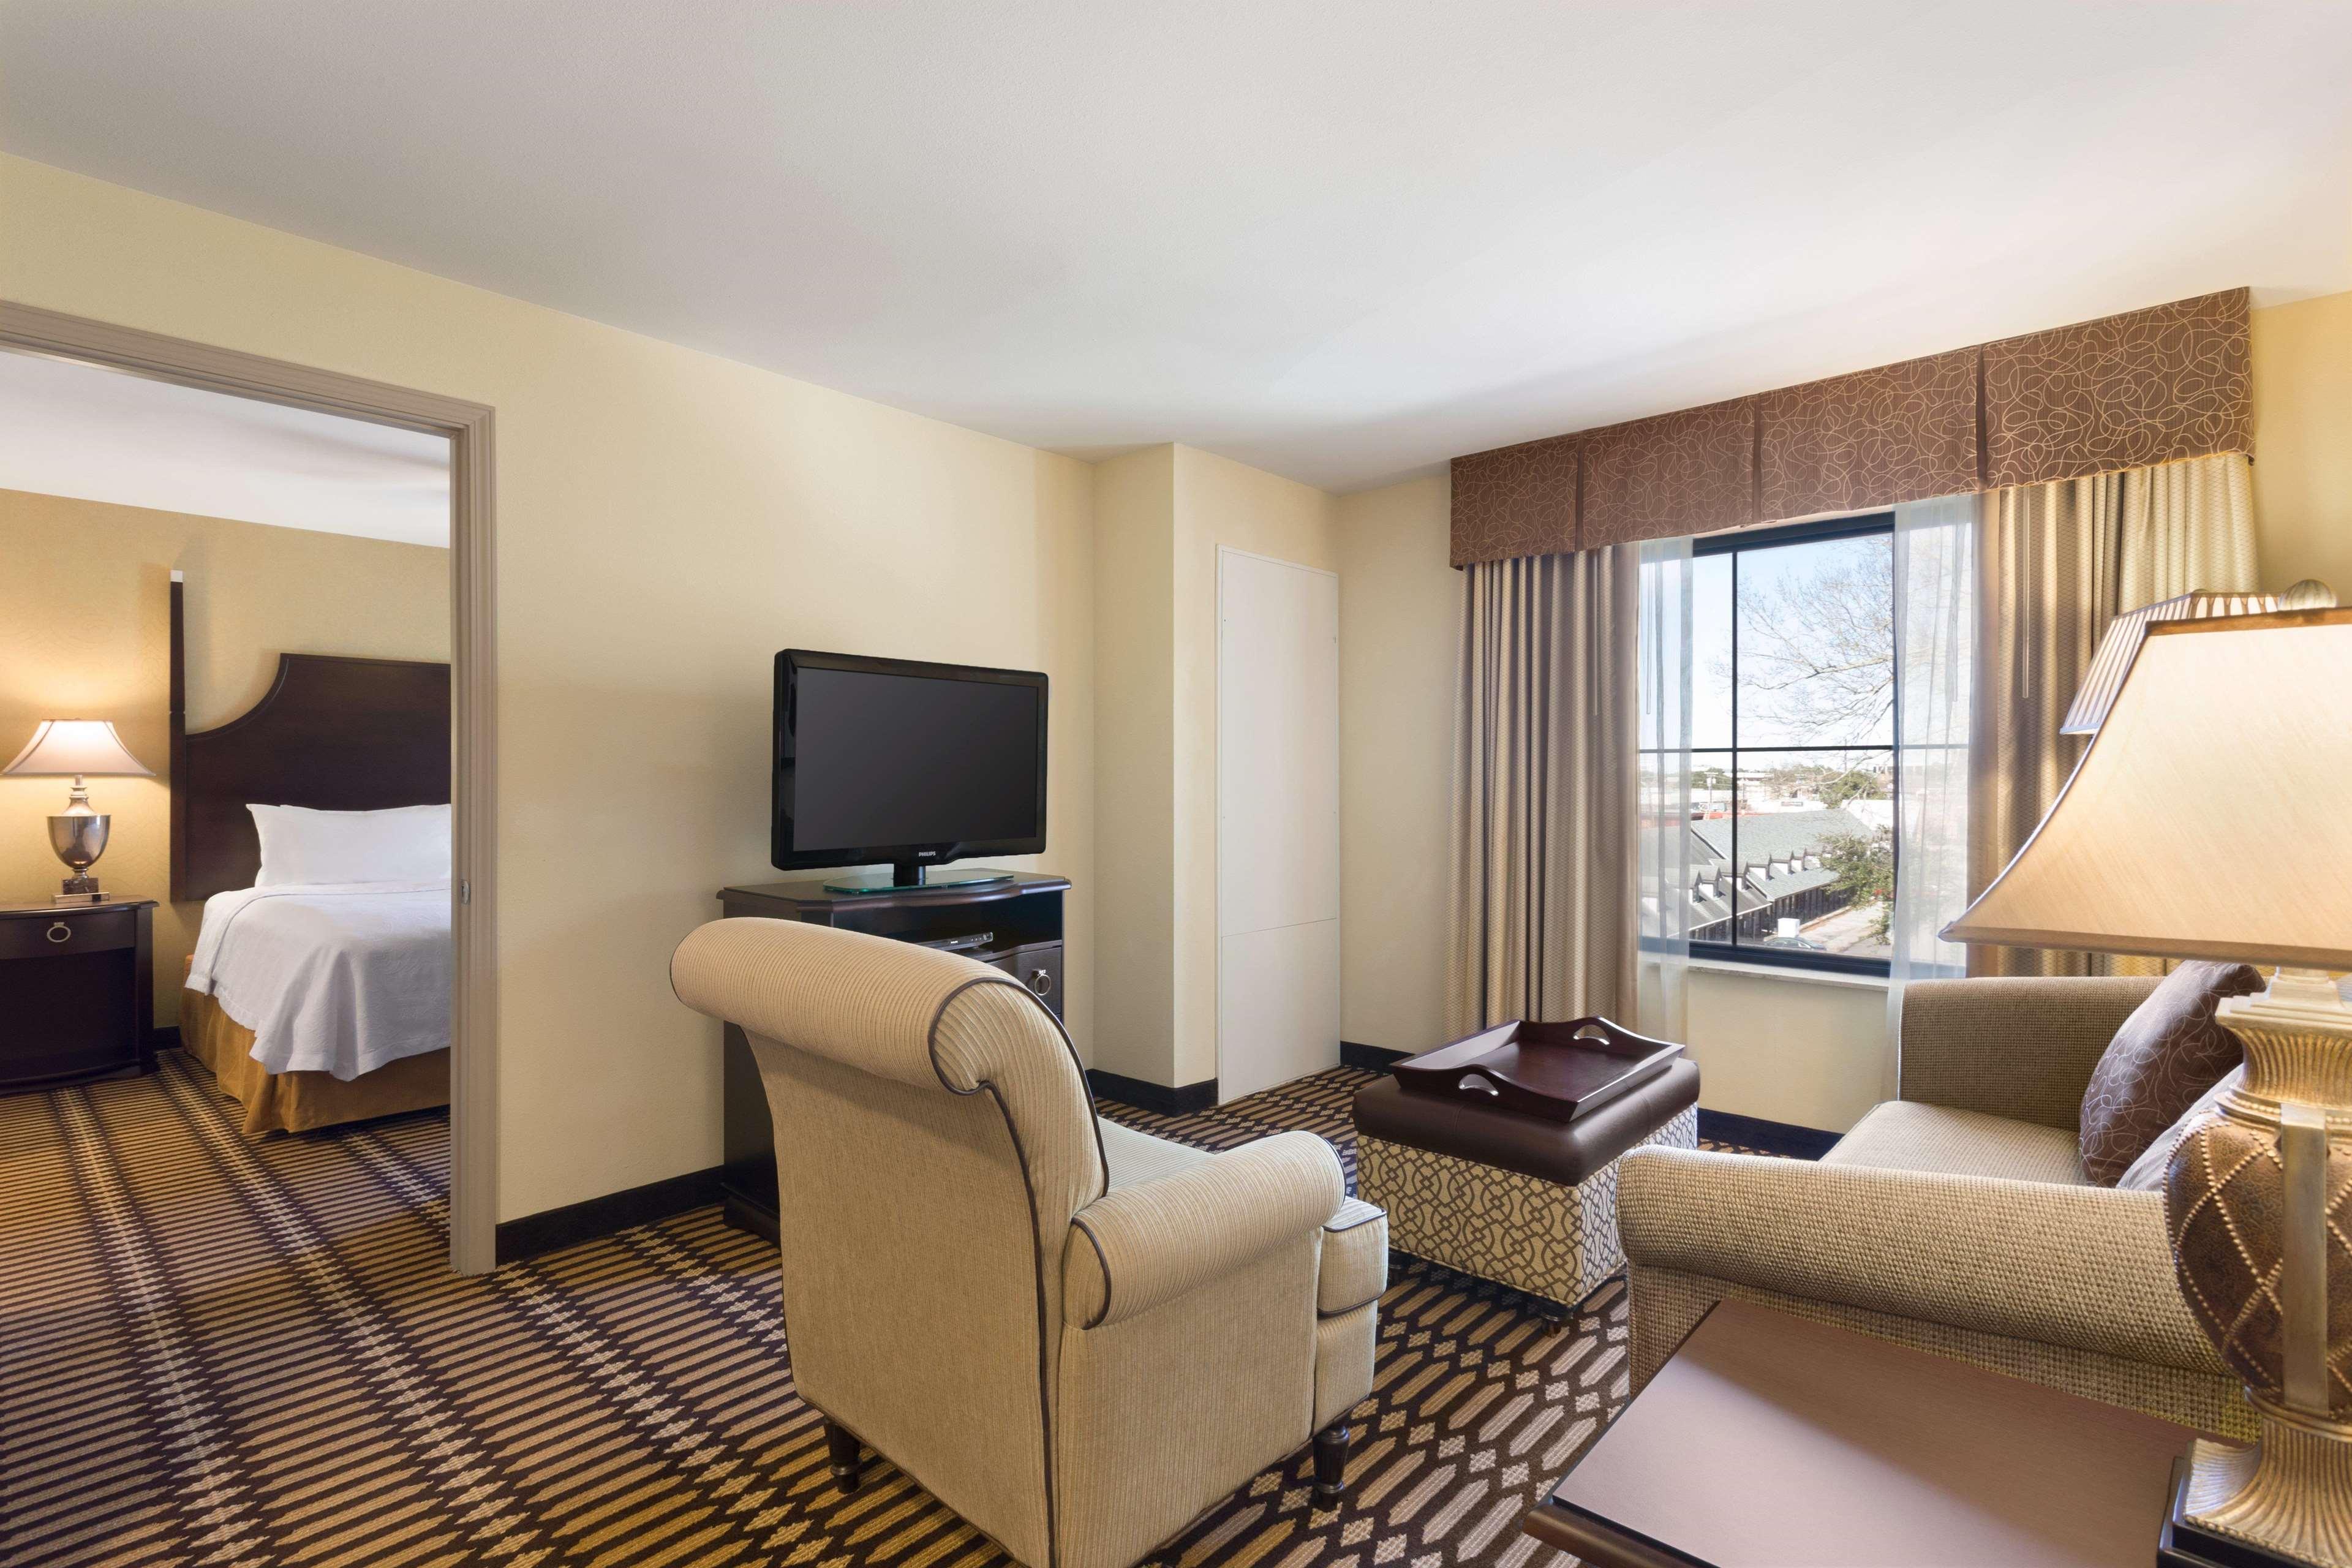 Homewood Suites by Hilton Lafayette-Airport, LA image 25